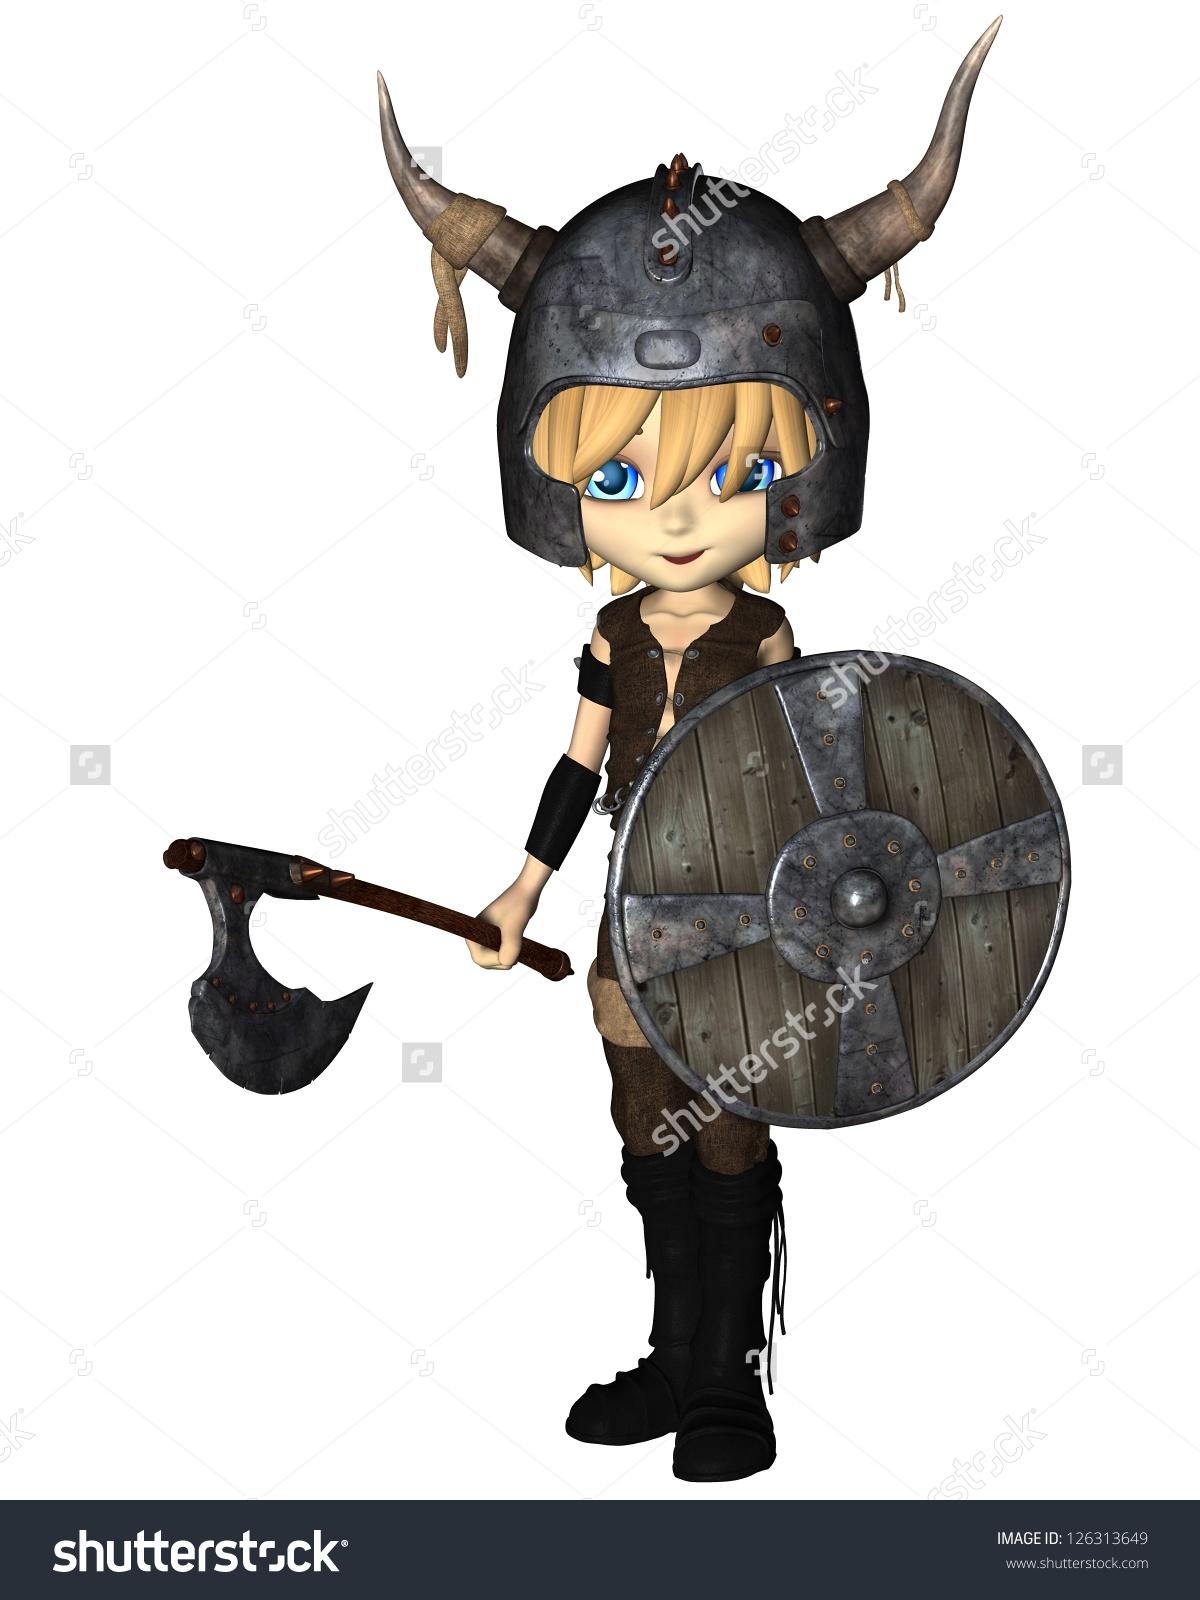 Cute Toon Style Viking Warrior Boy Stock Illustration 126313649.